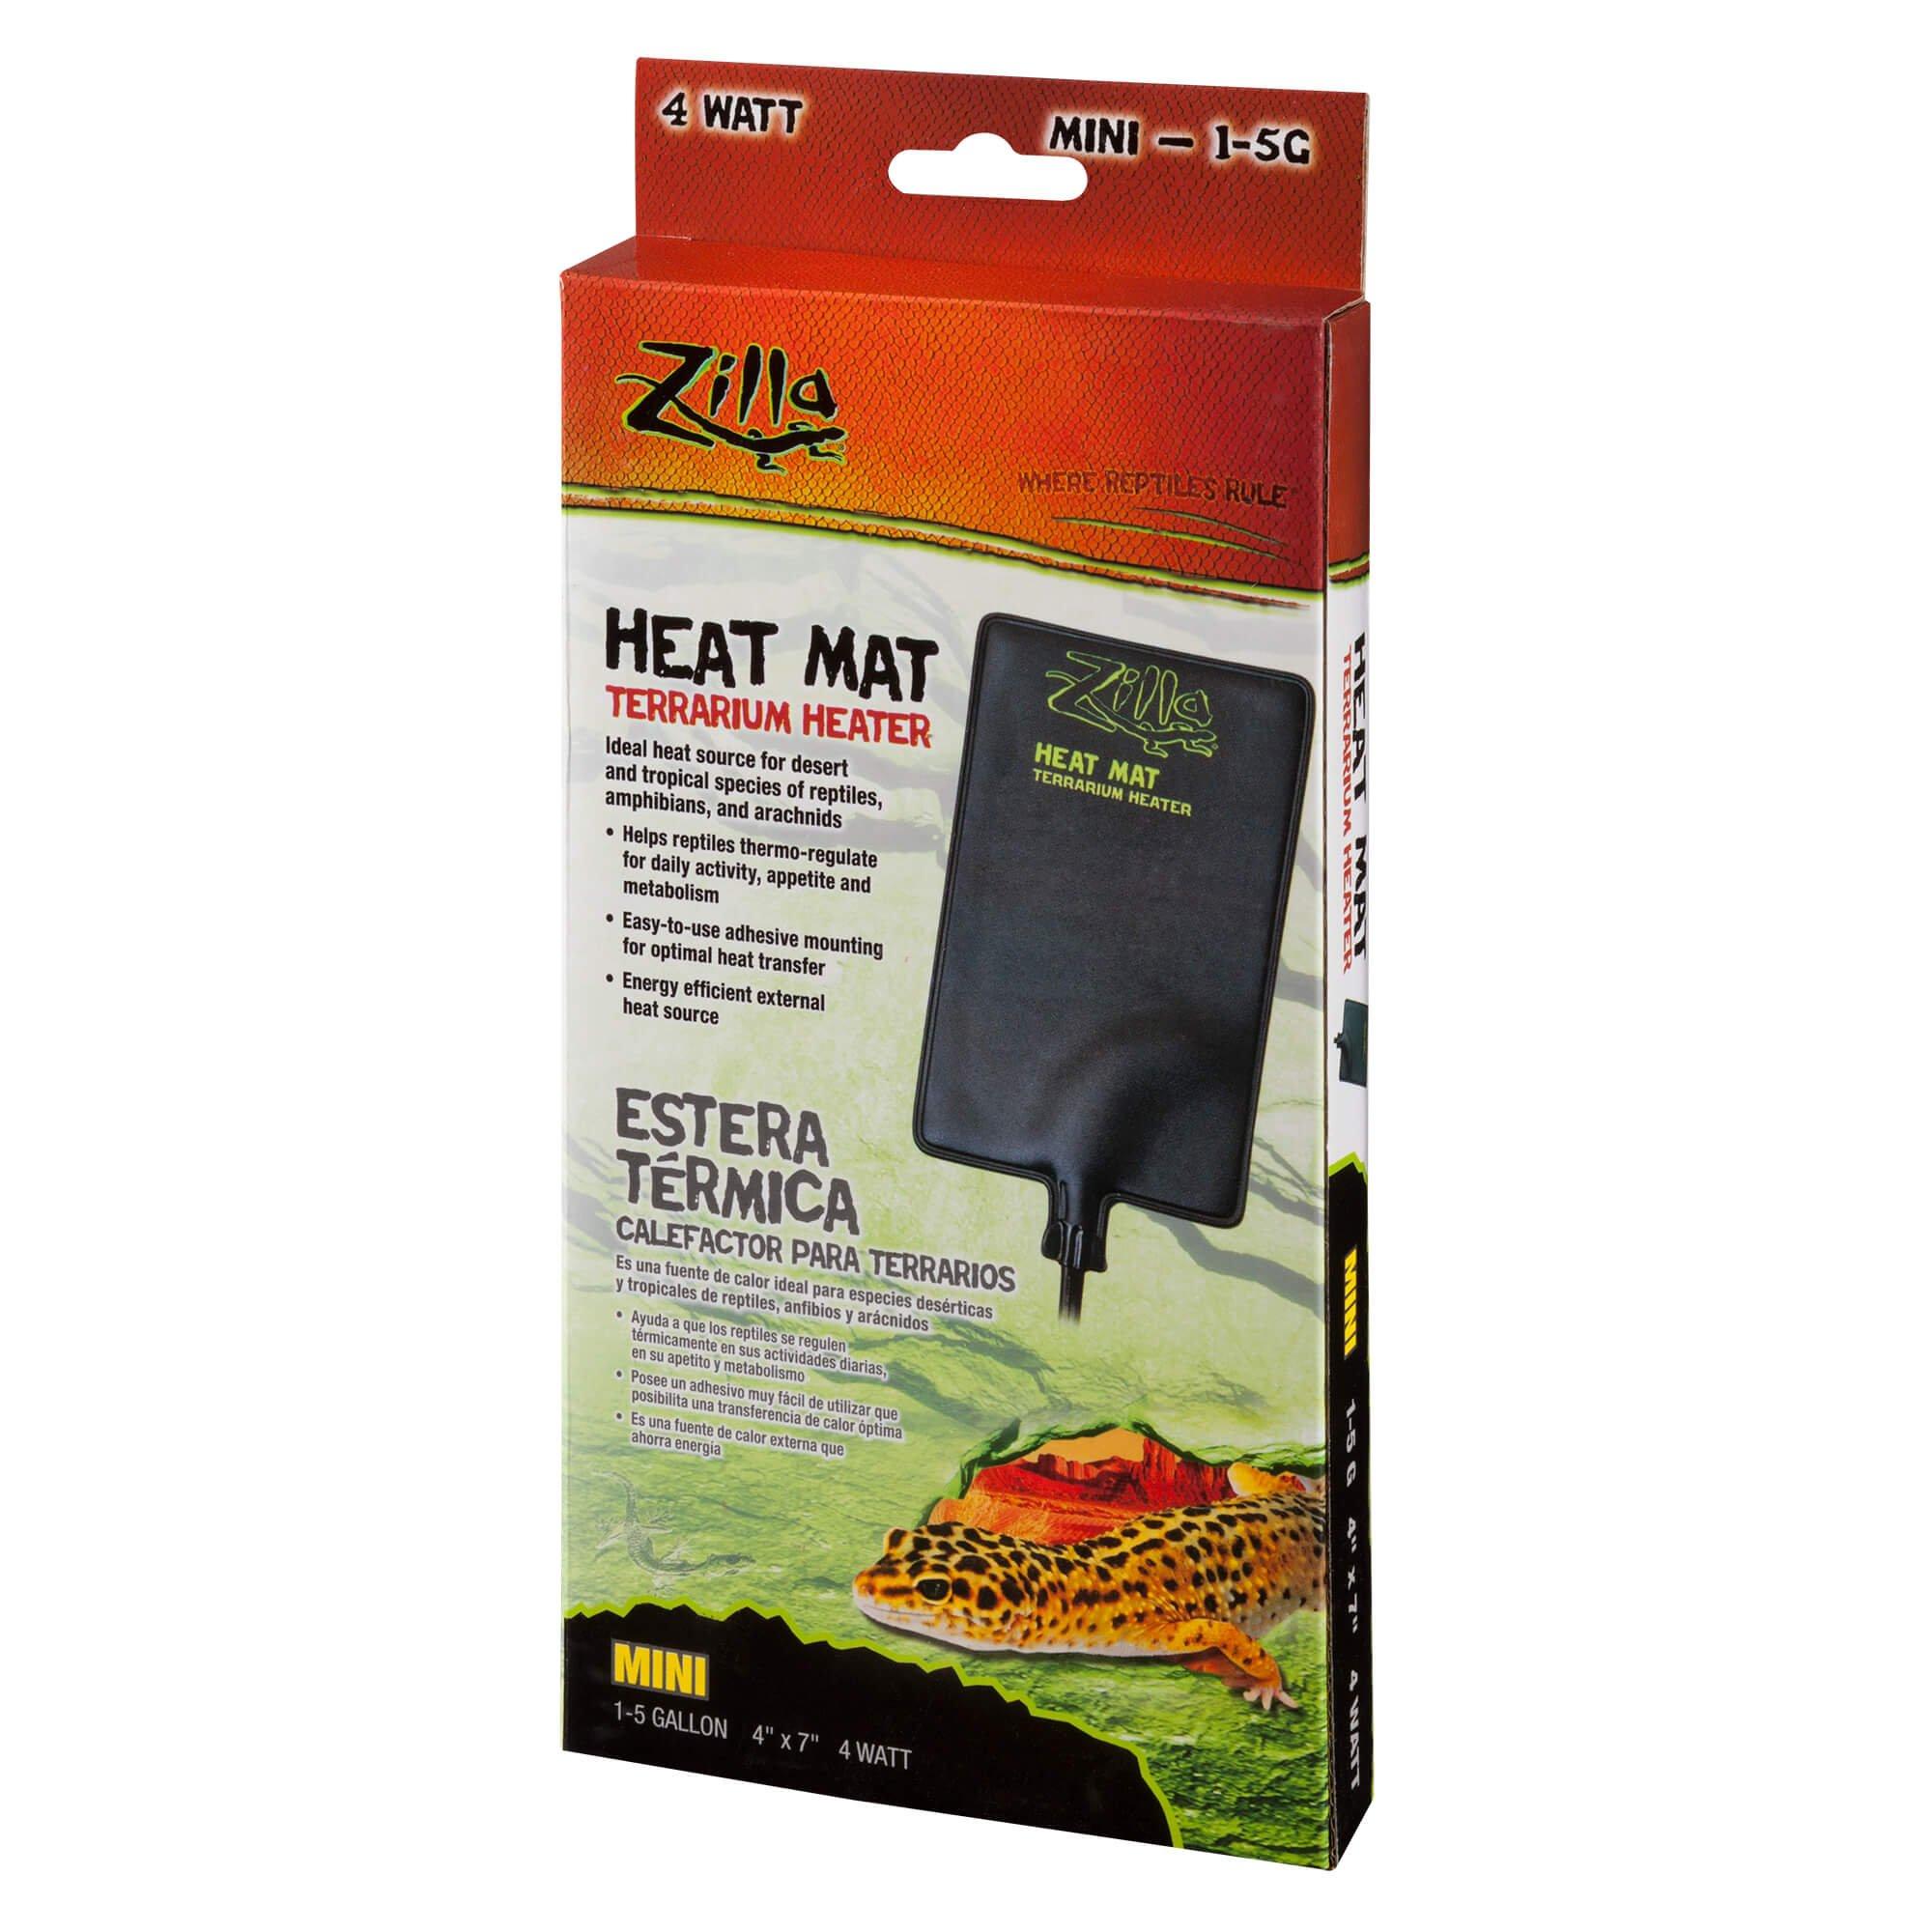 Zilla under tank reptile heaters mini petco for Fish tank heater petco